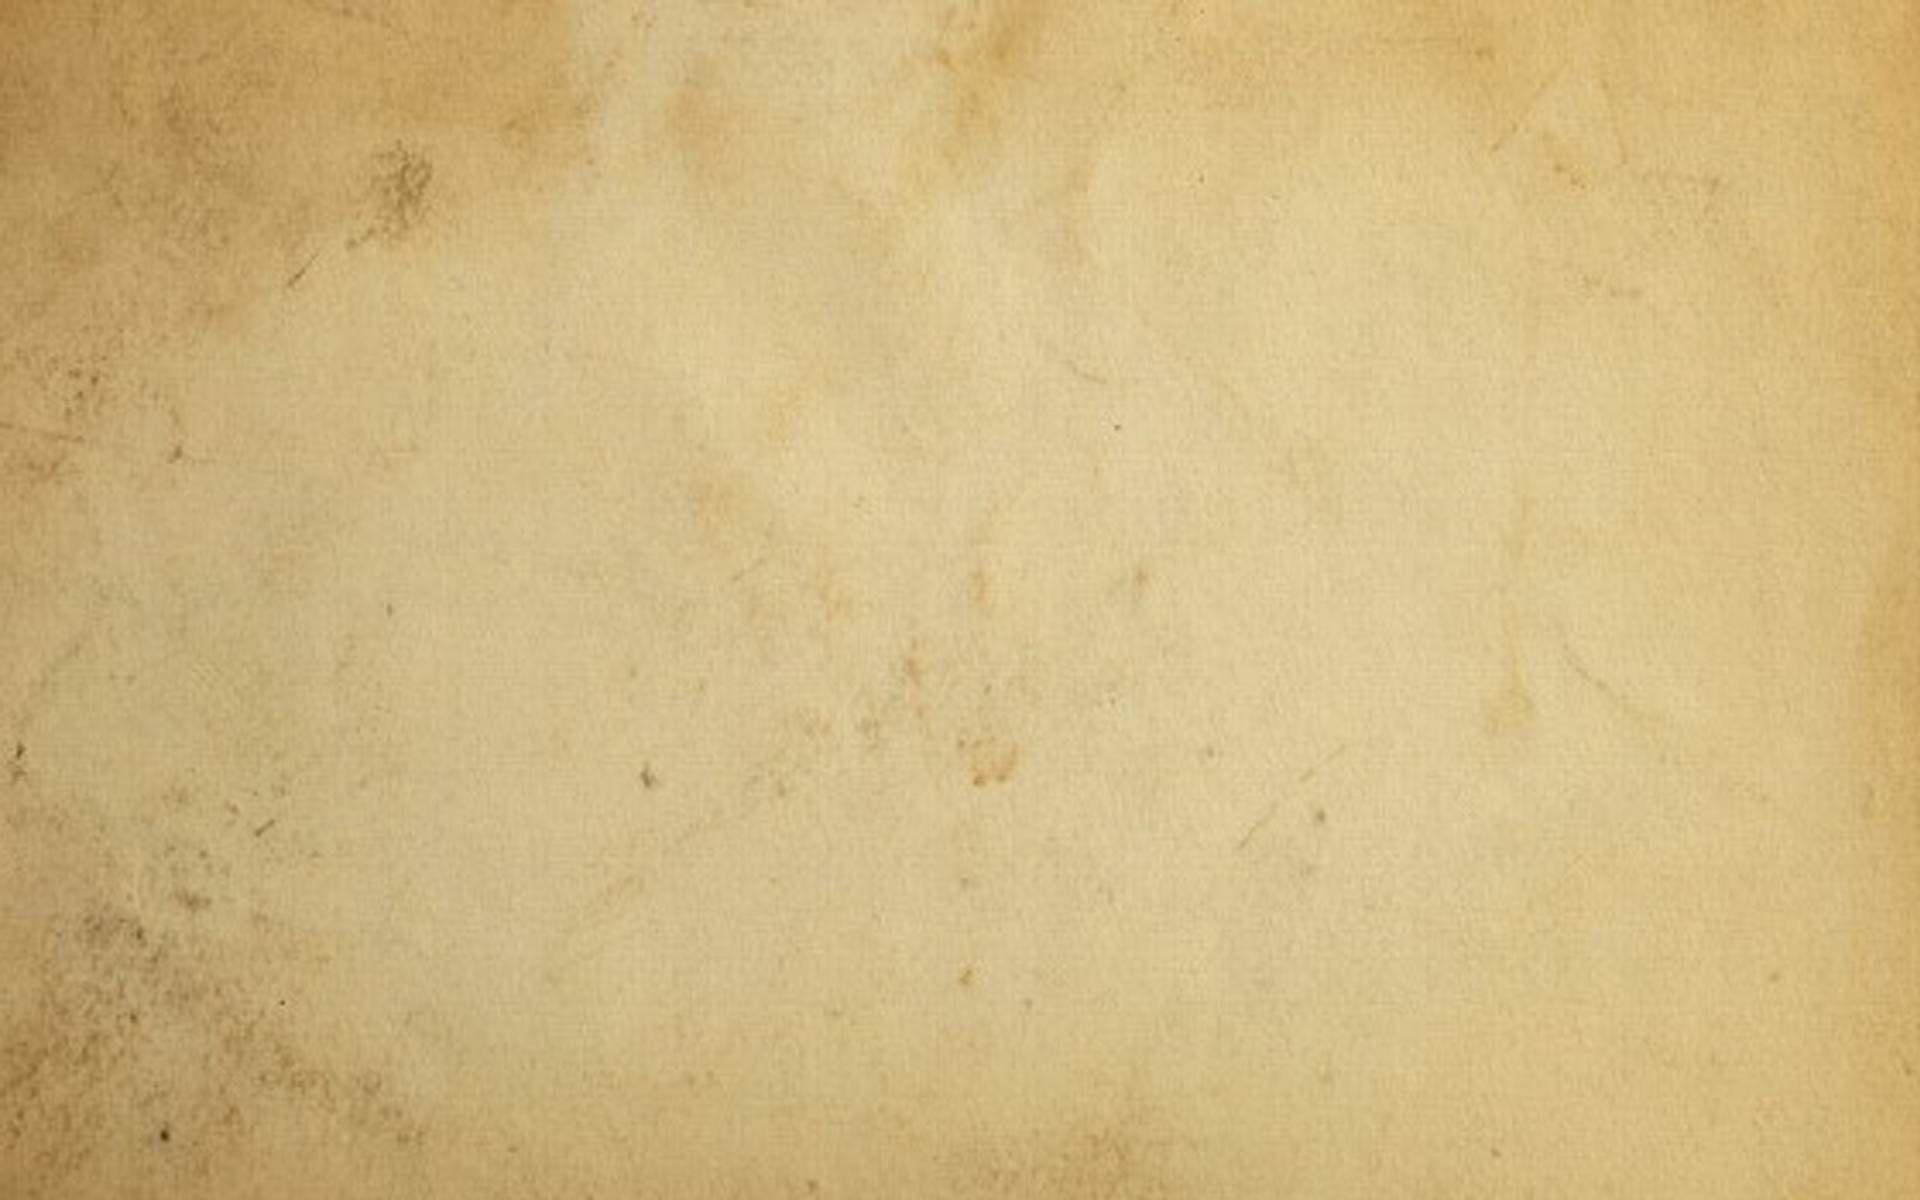 Paper Texture Altes Papier Textur Etiketten